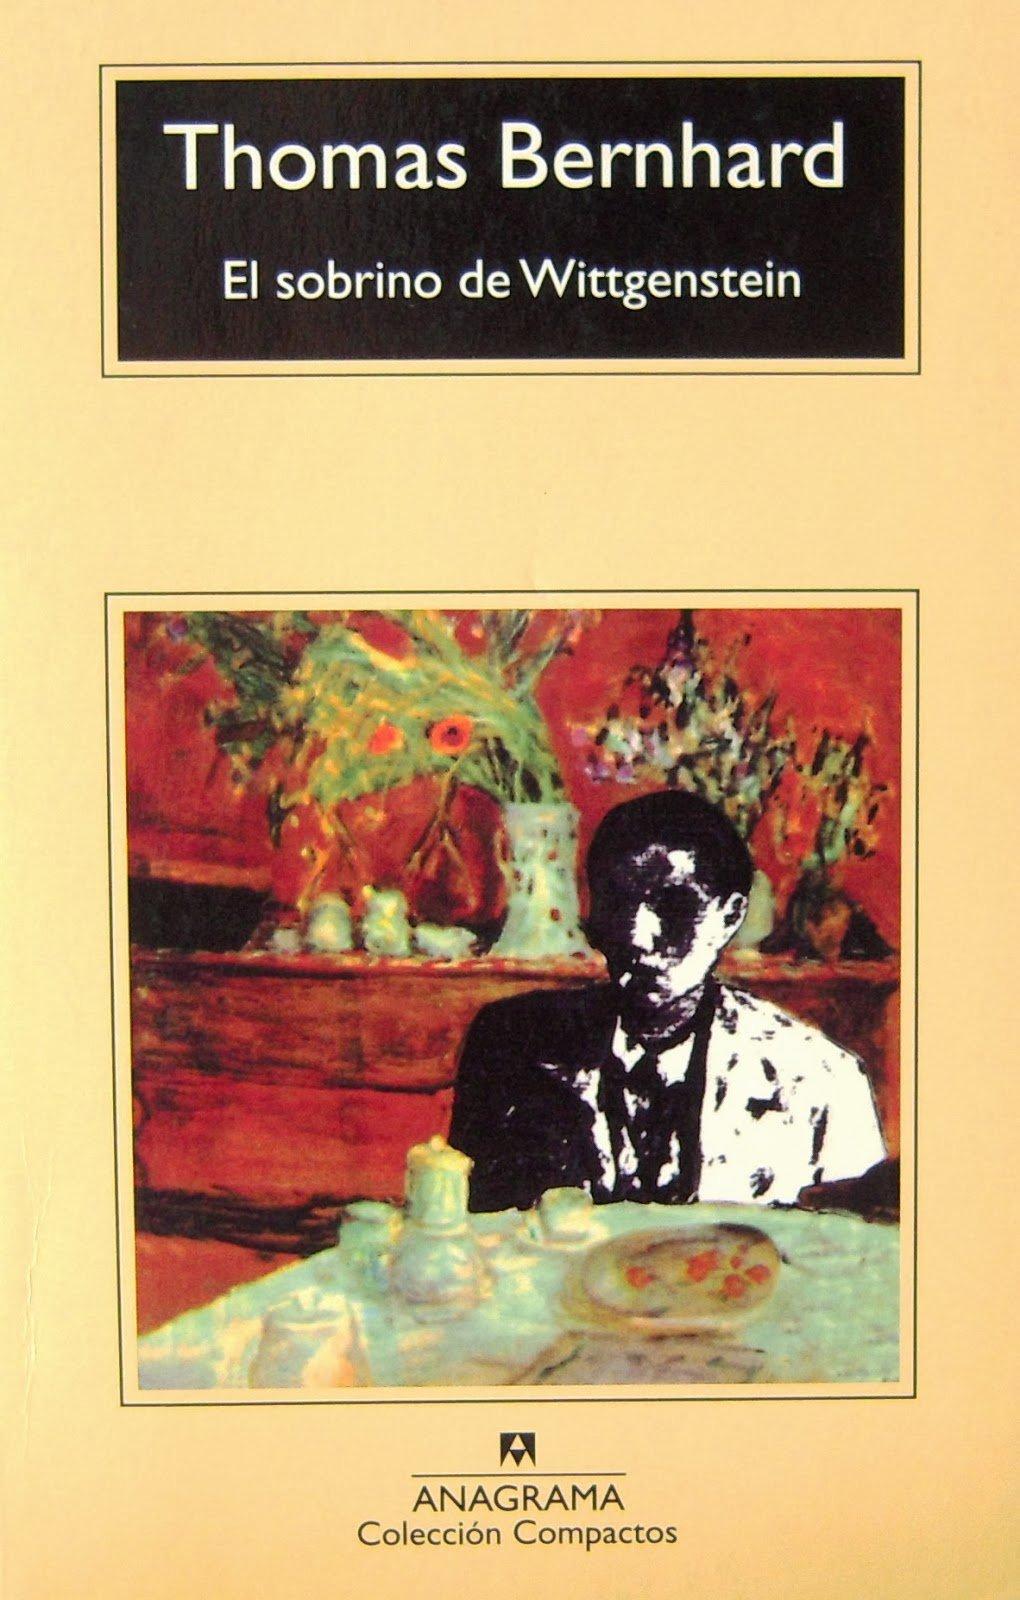 Portada de El sobrino de Wittgenstein./ Anagrama